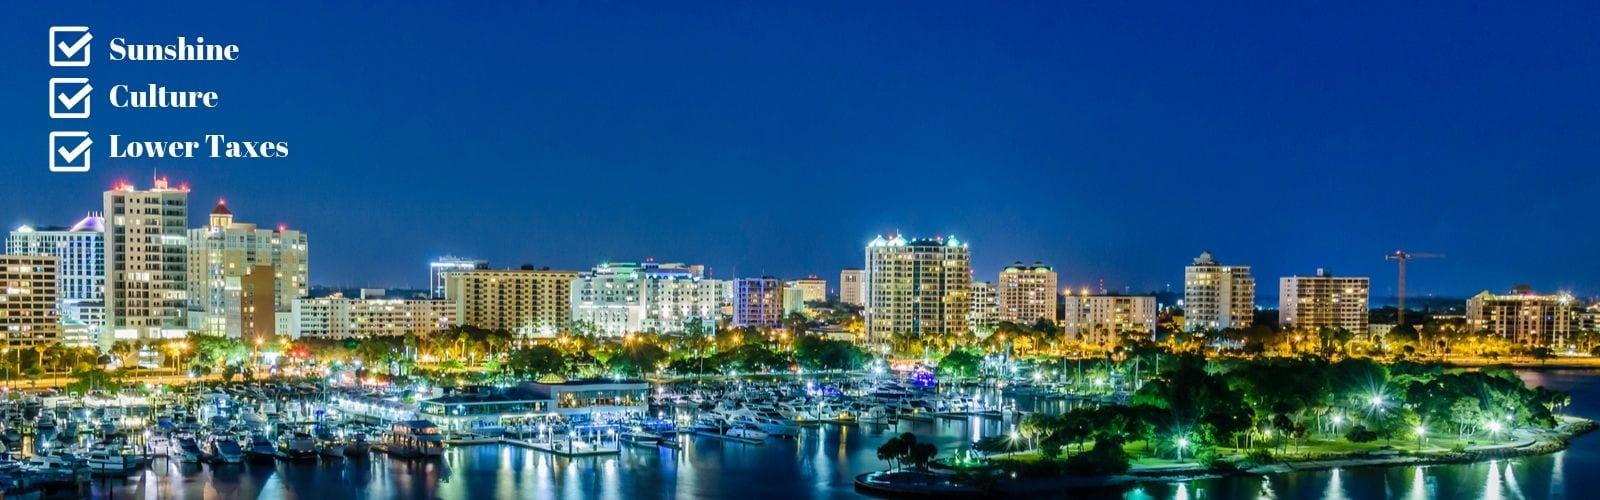 Sarasota at night with BLVD Sarasota